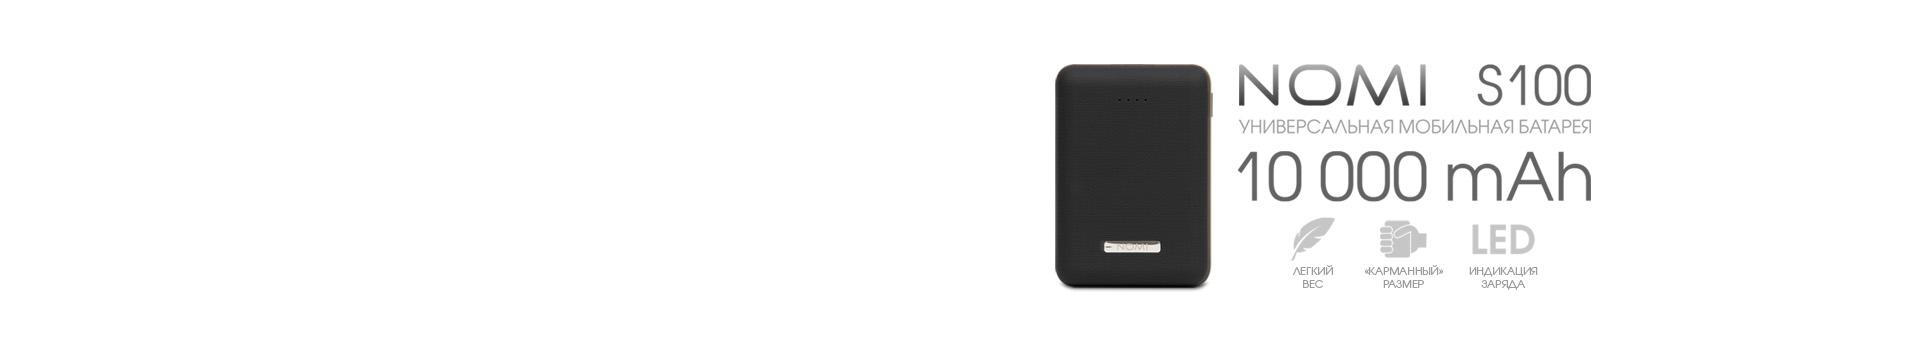 Nomi S100 — компактность и мощность в одном устройстве